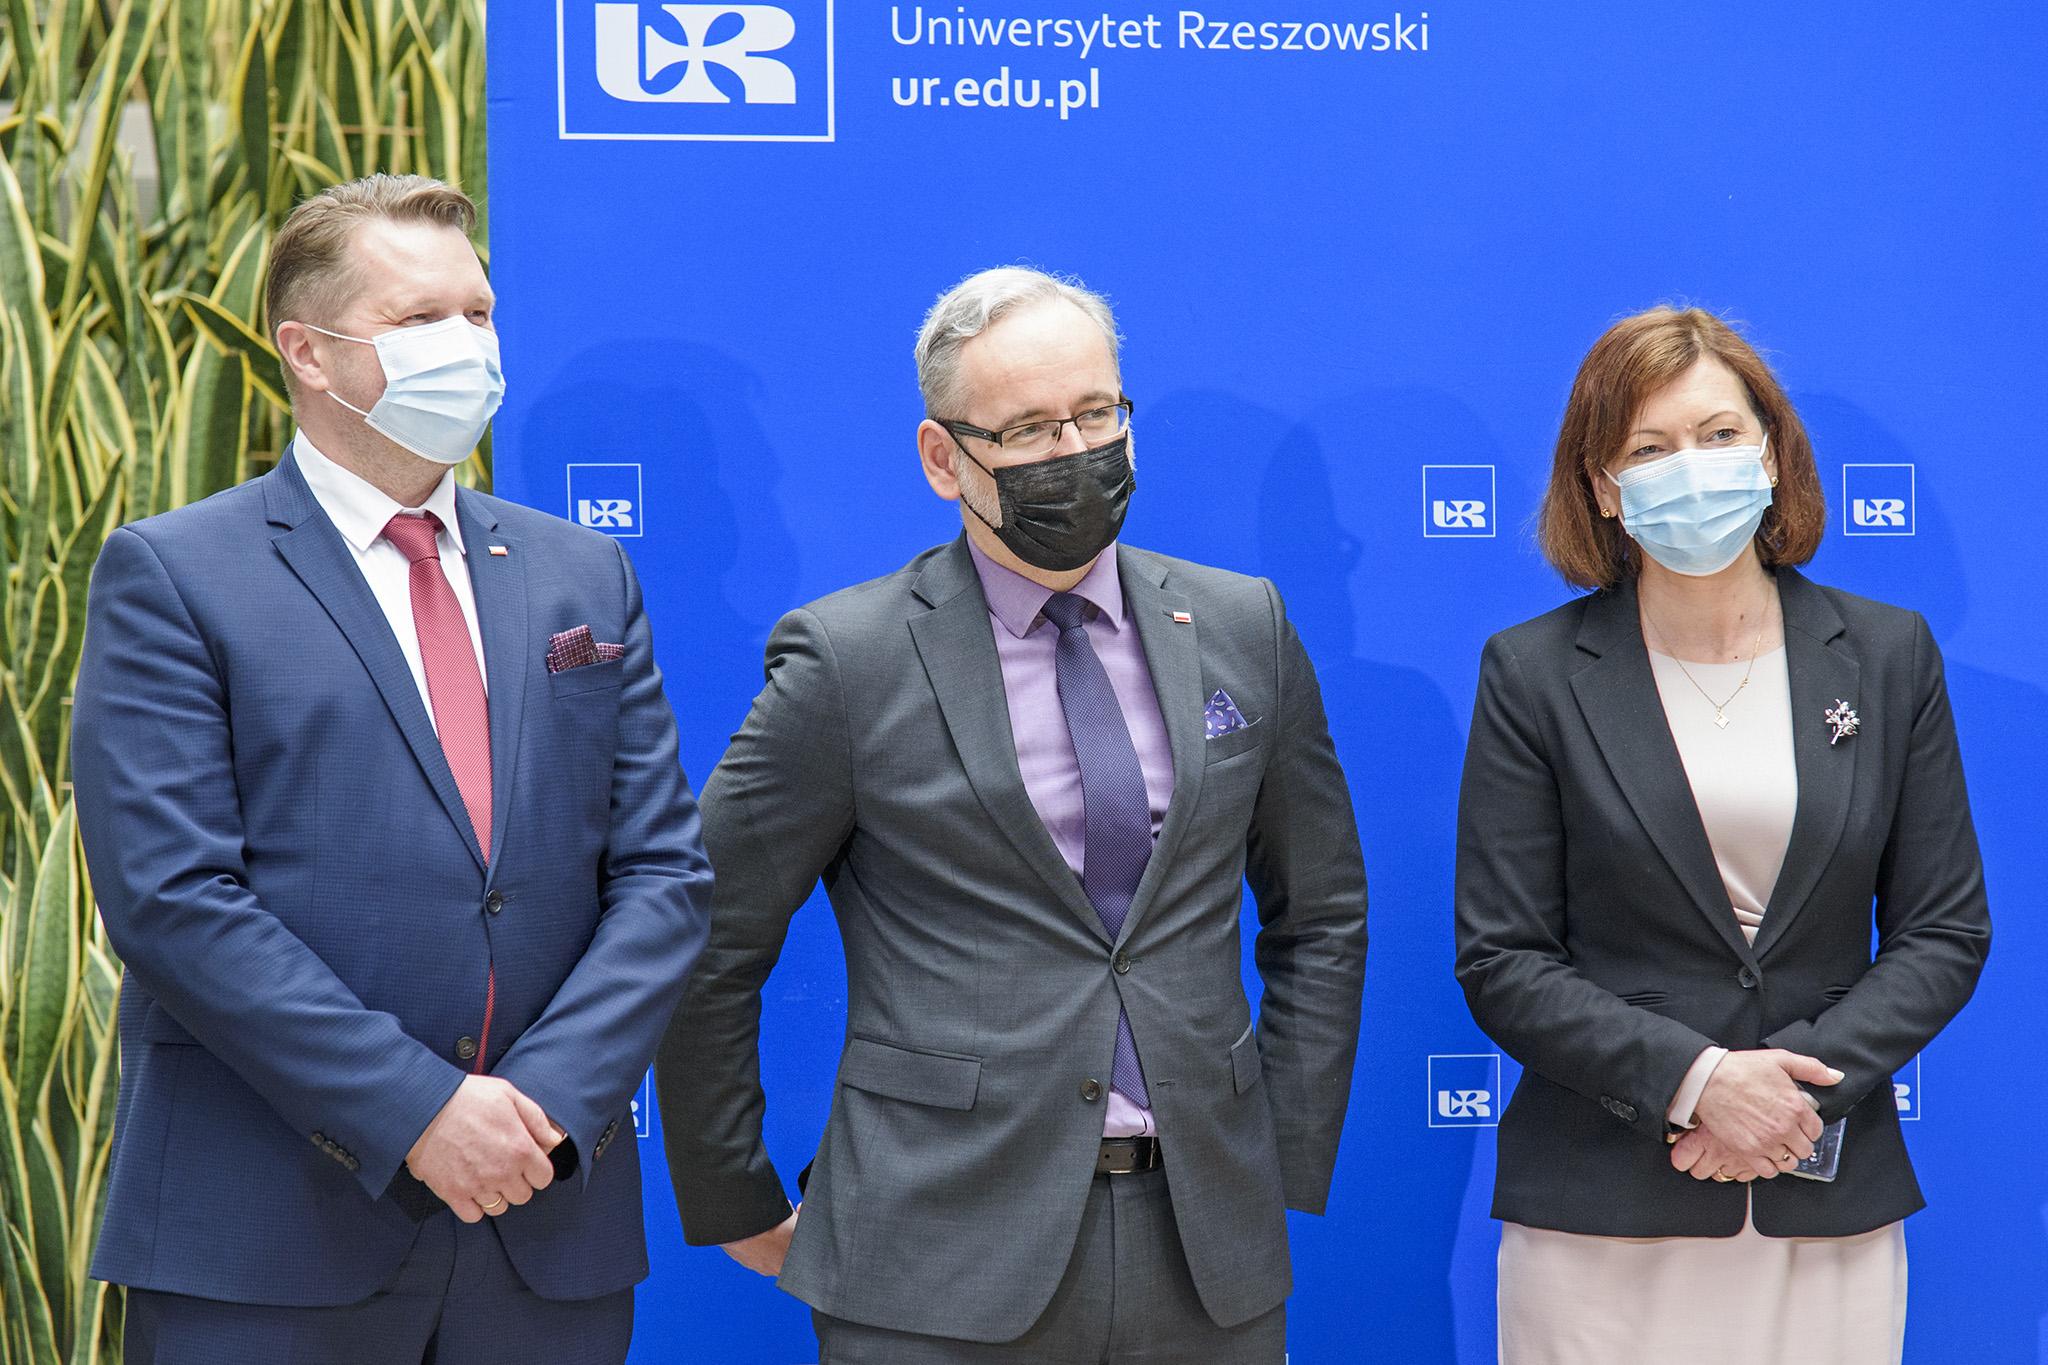 DSC_1991_RZESZOW_NEWS_SEBASTIAN_STANKIEWICZ